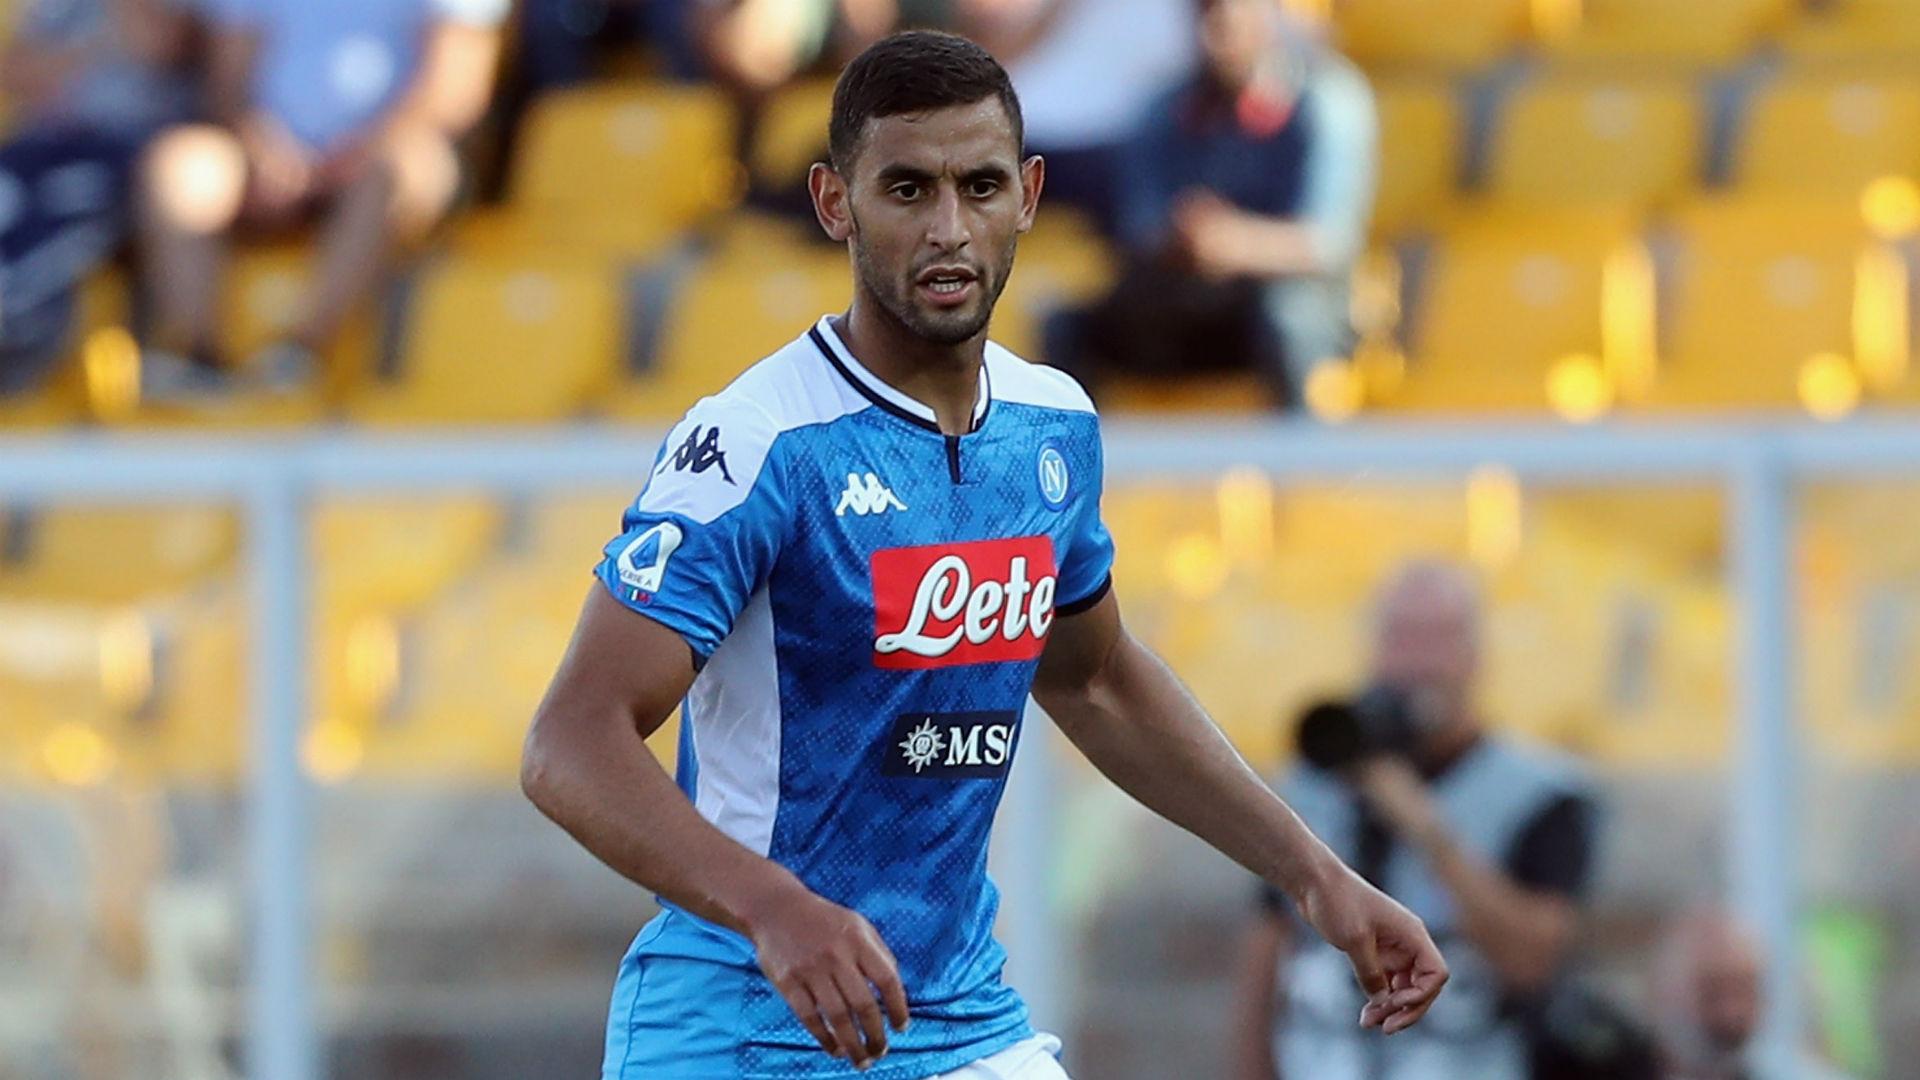 Napoli e Fantacalcio, due brutte notizie: Mario Rui e Ghoulam non convocati. Il report